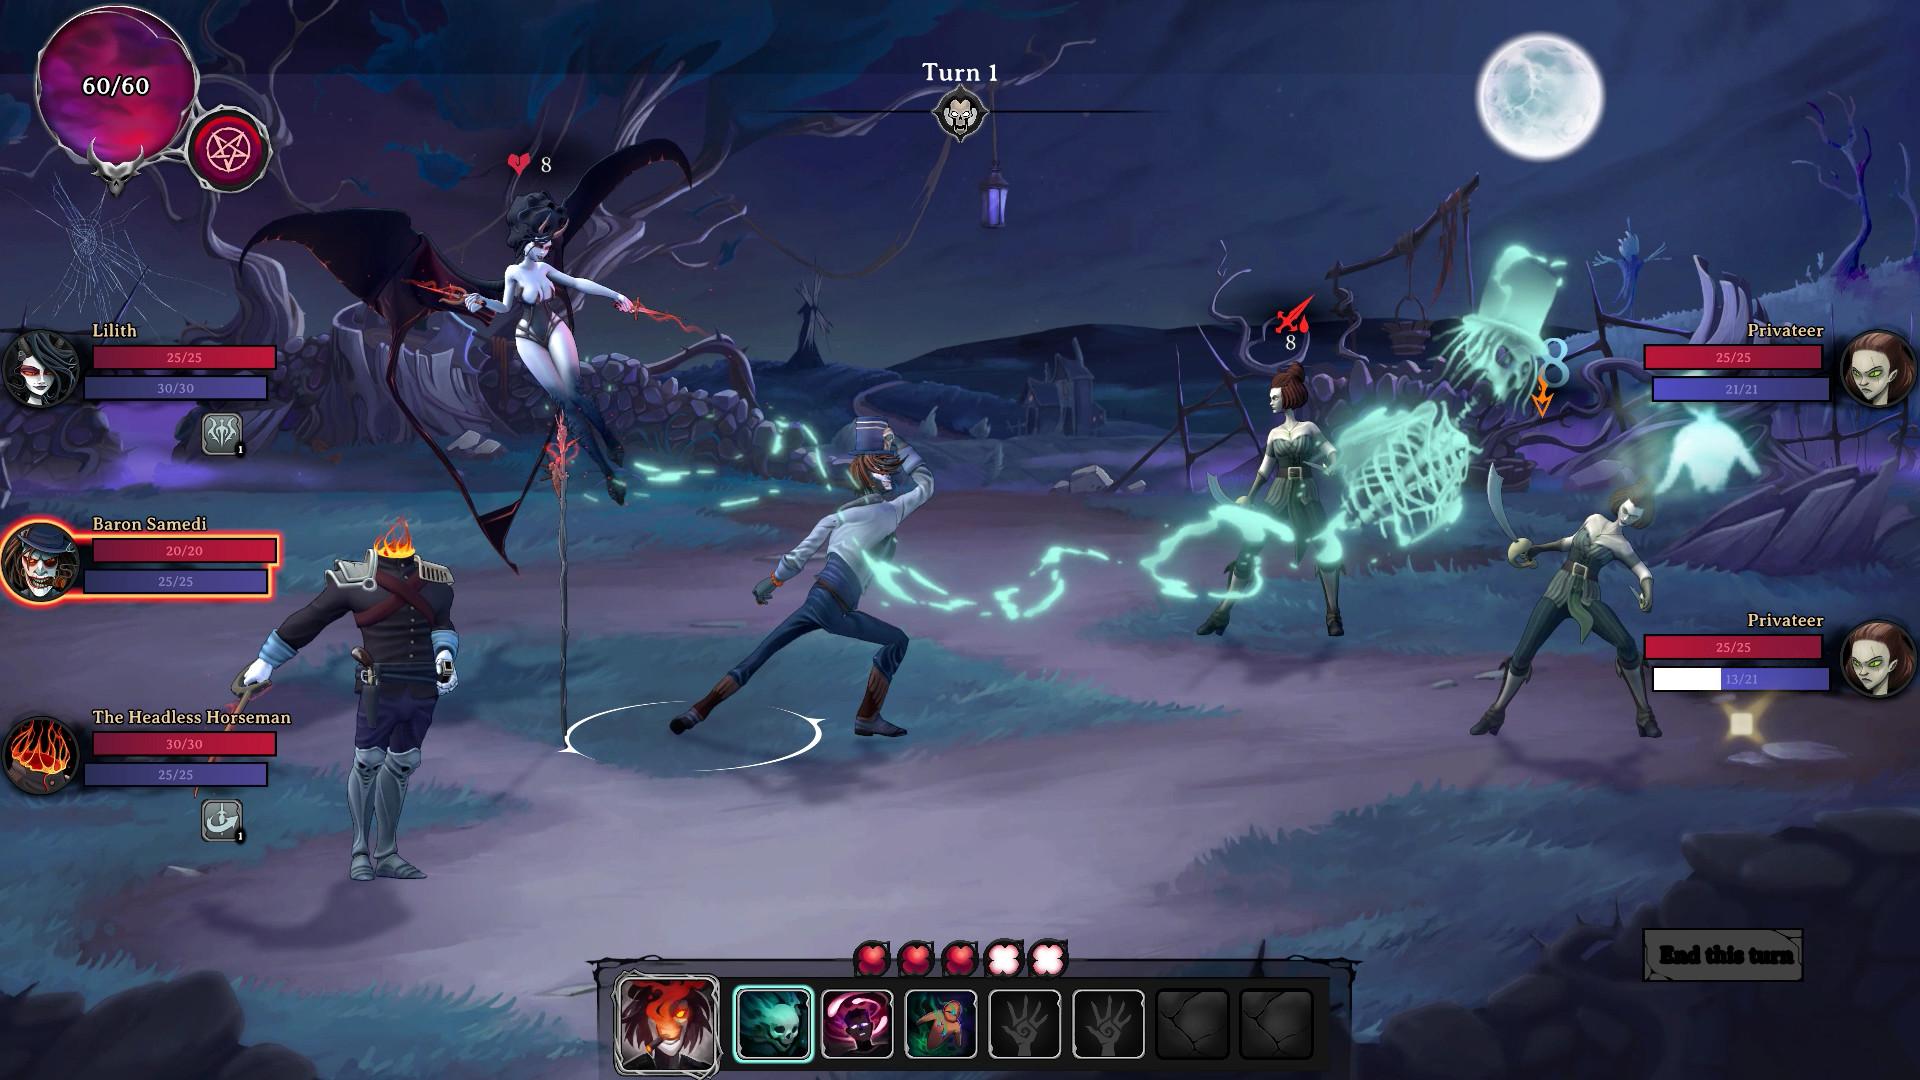 Roguelike游戏《暴戾领主》B测时间延长 正式版今年秋季发售